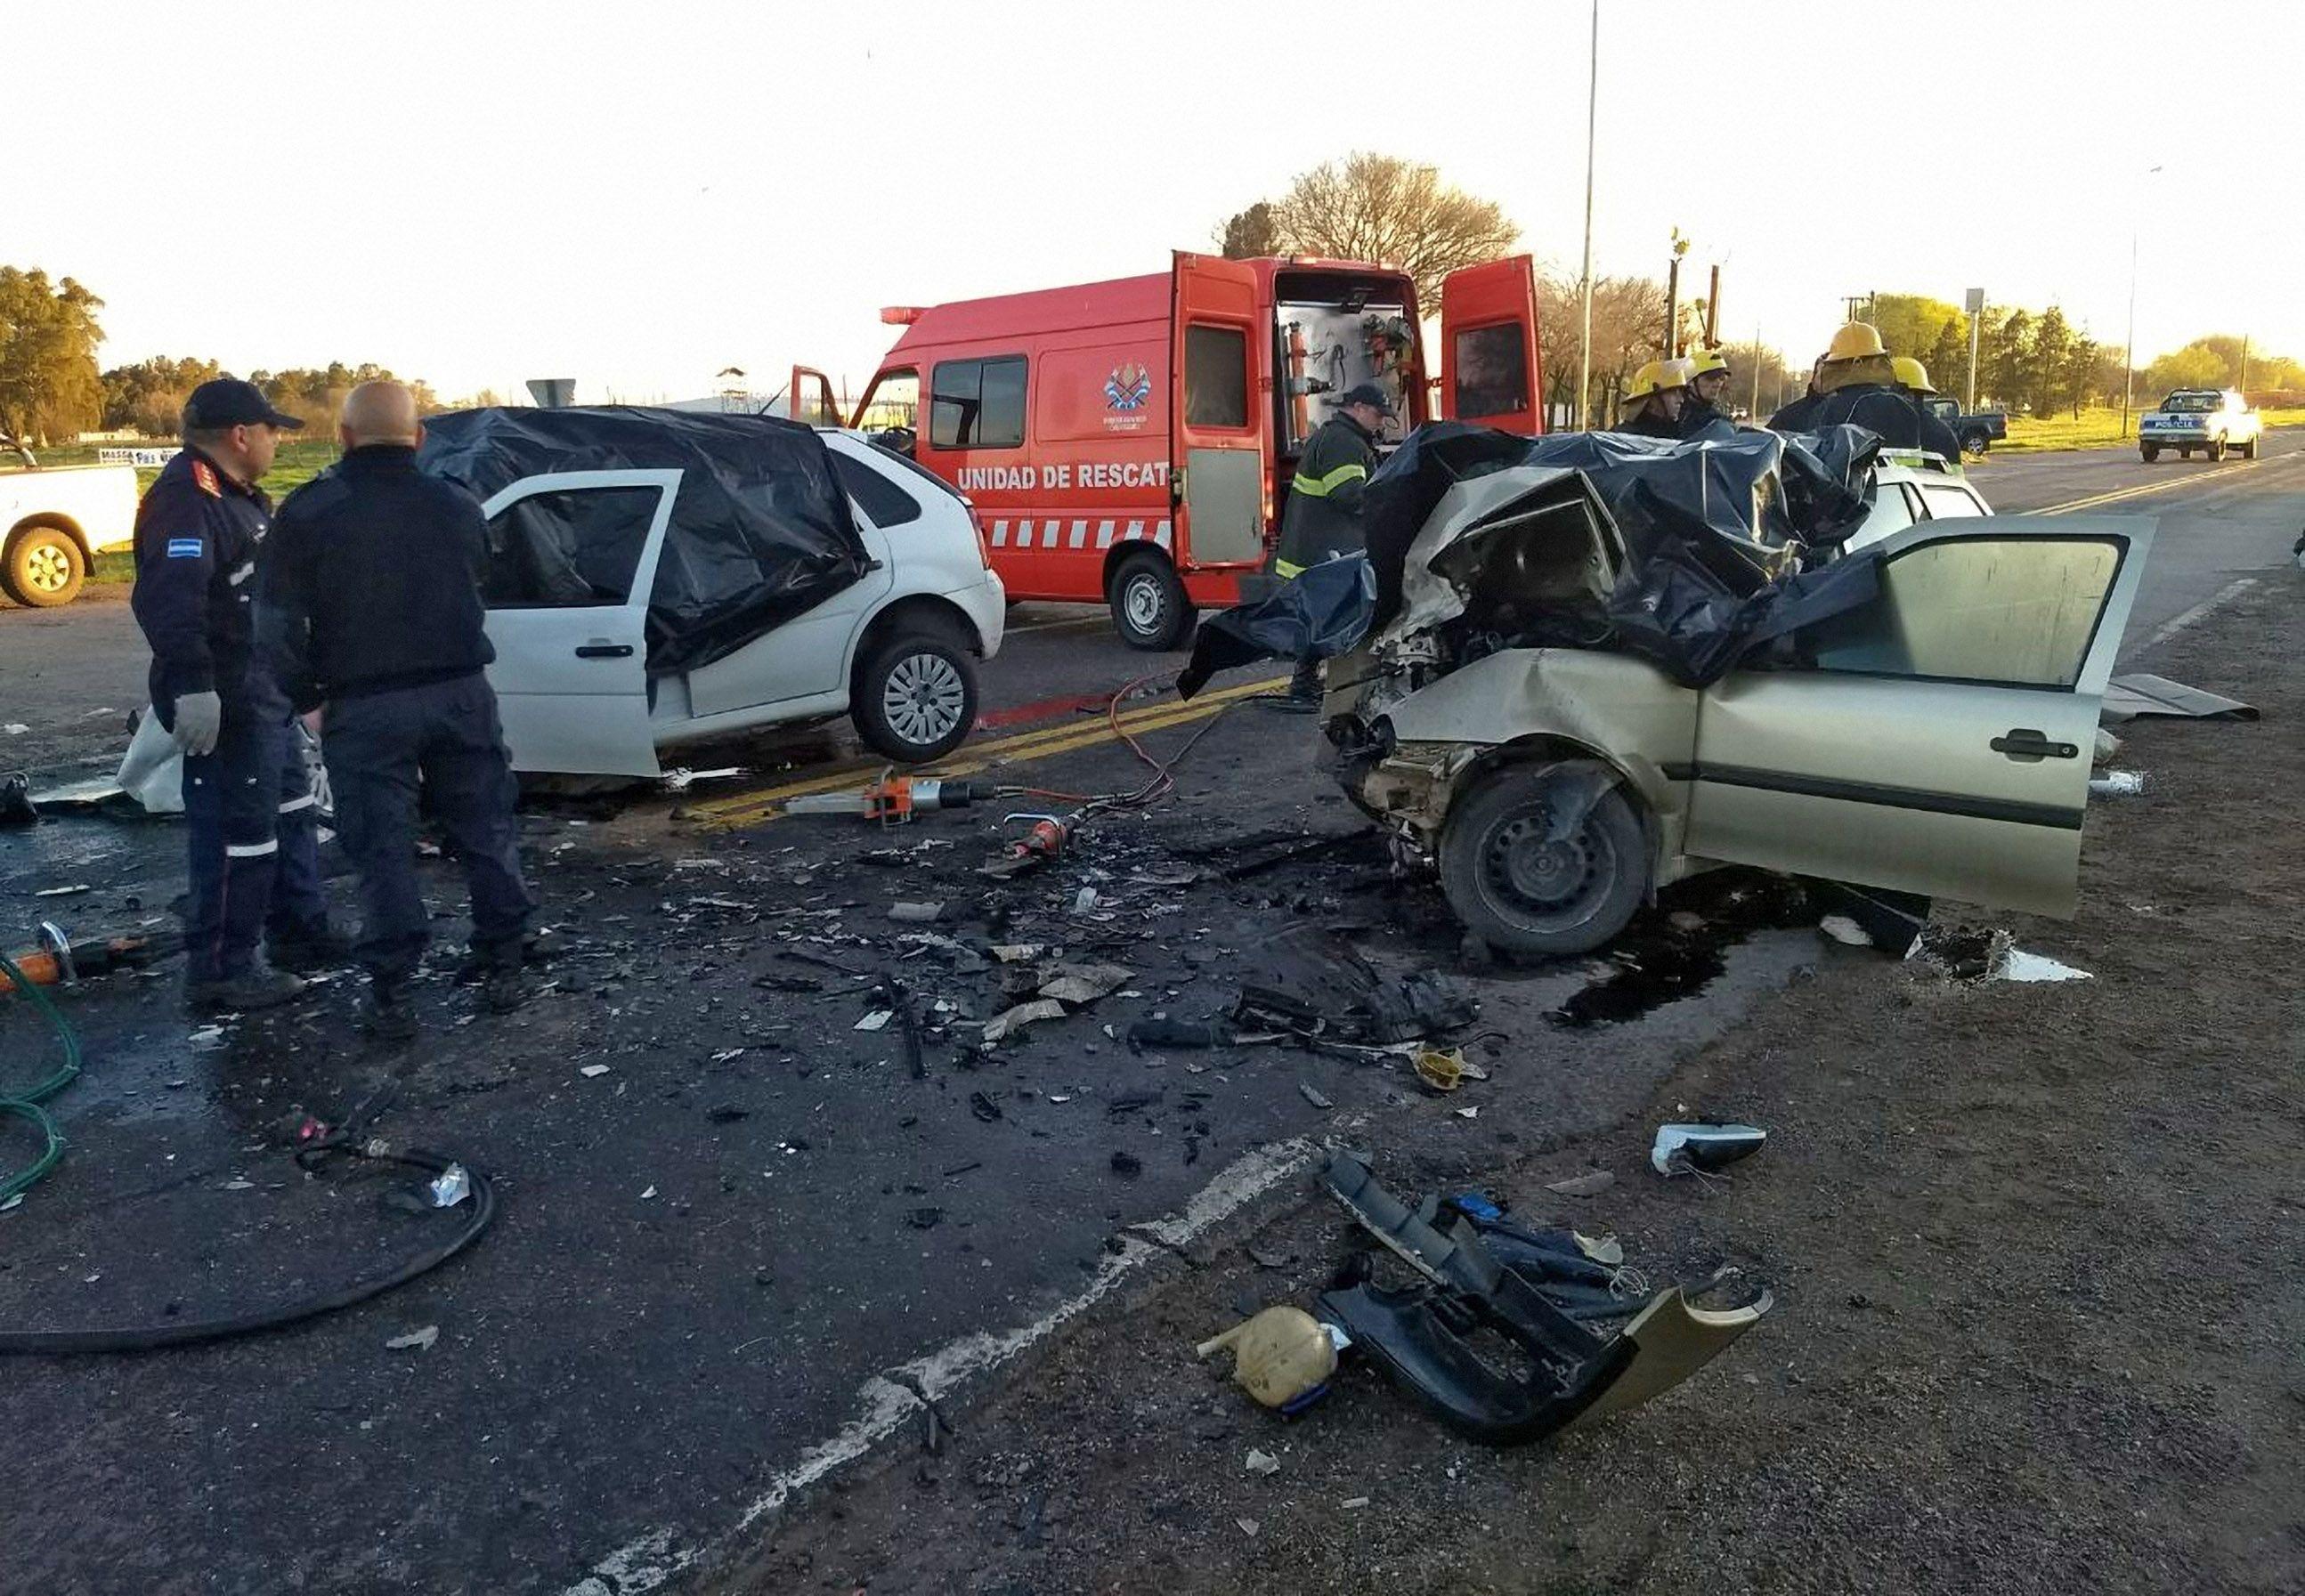 El accidente ocurrió sobre la ruta Nº 5